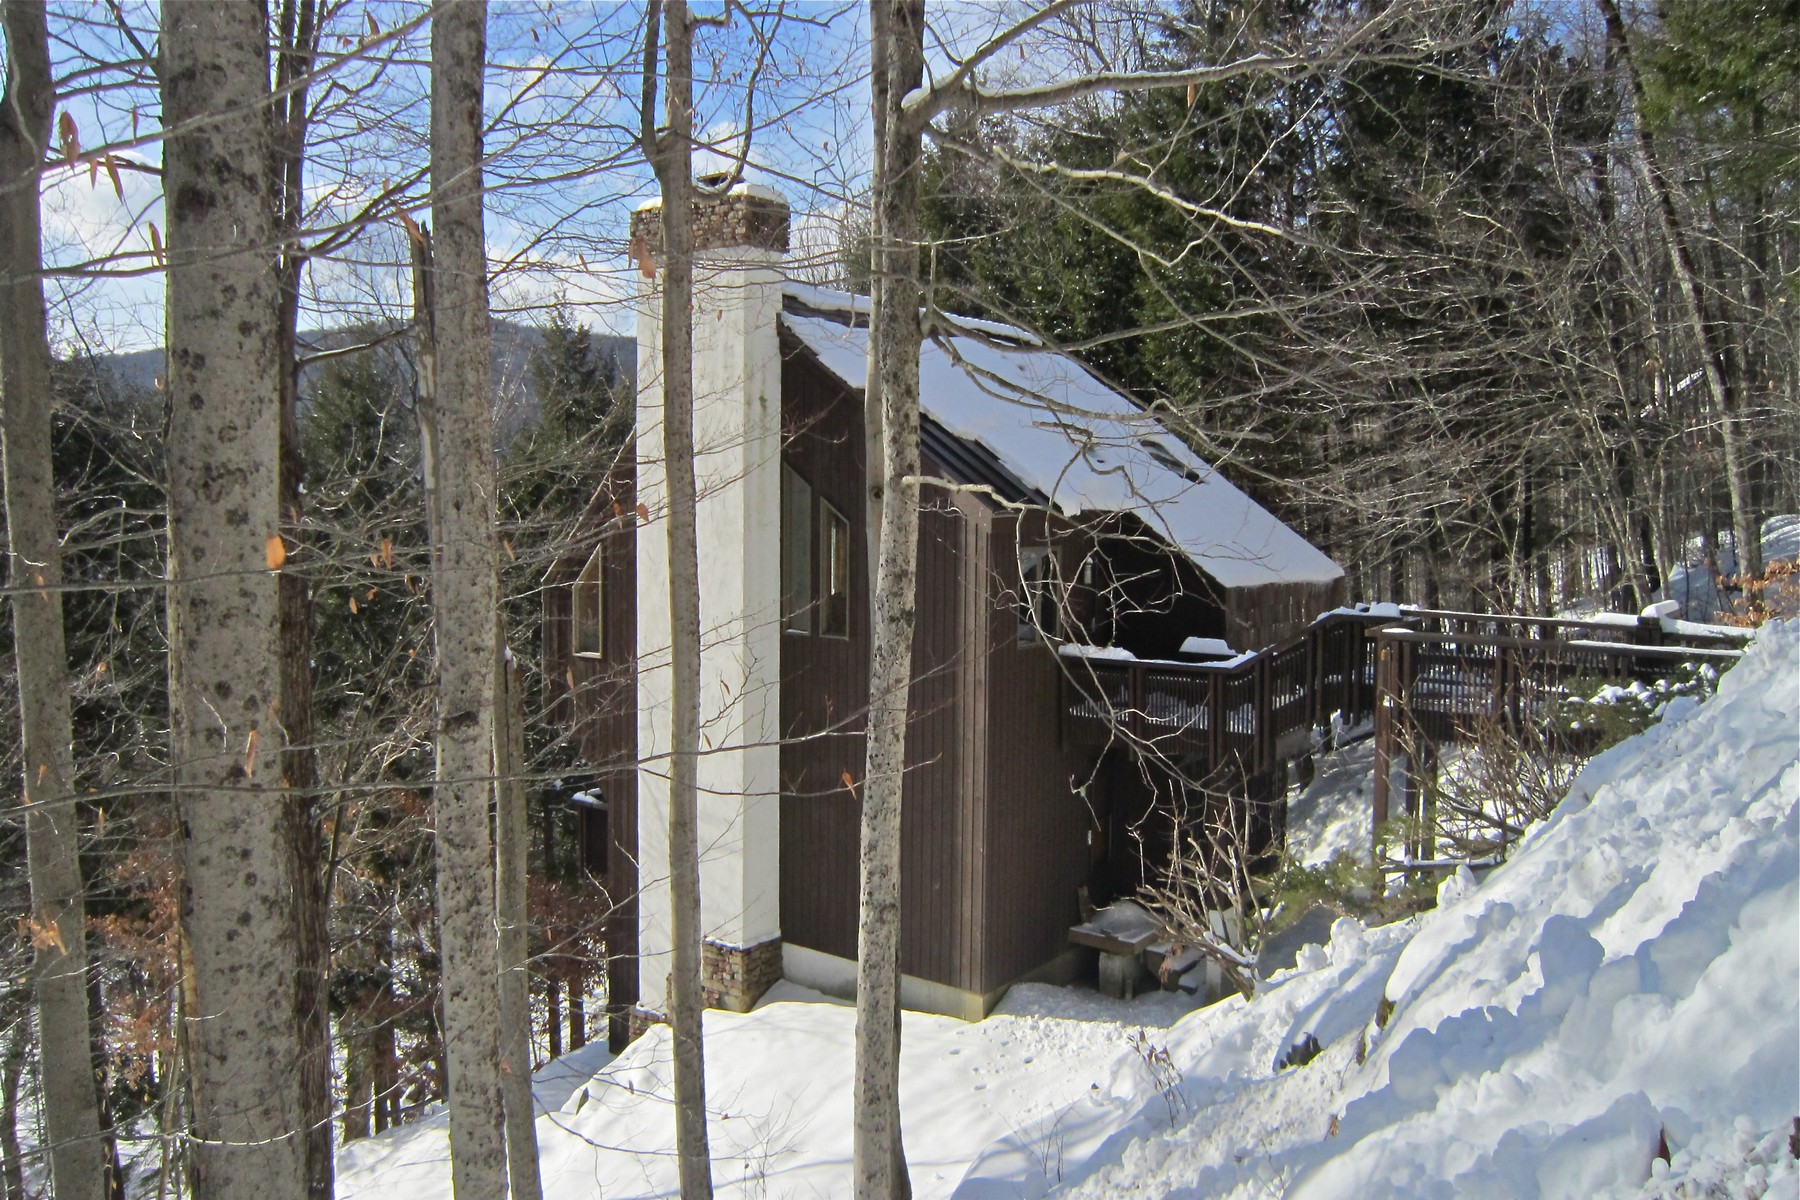 独户住宅 为 销售 在 Unique Hawk HOme 495 Kestrell Dr 普利茅斯, 佛蒙特州, 05056 美国